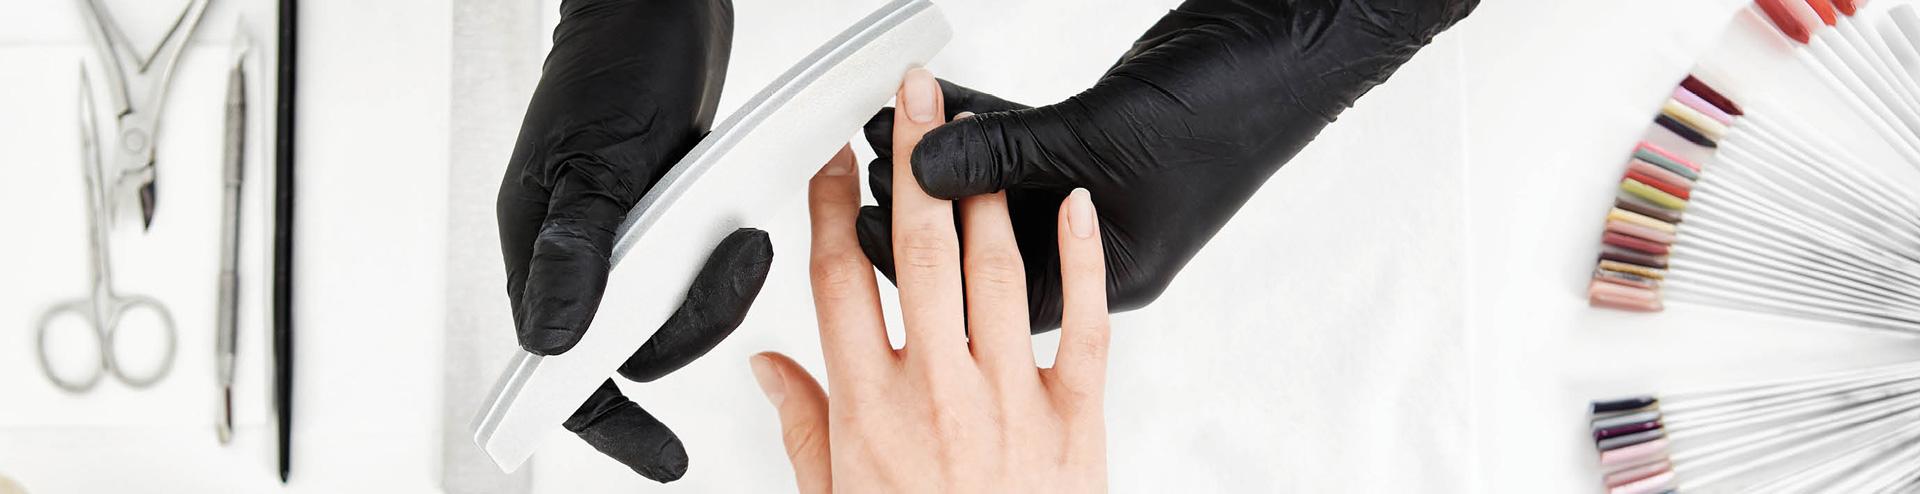 νυχια χαλκιδα | Μανικιουρ - Πεντικιουρ Χαλκιδα